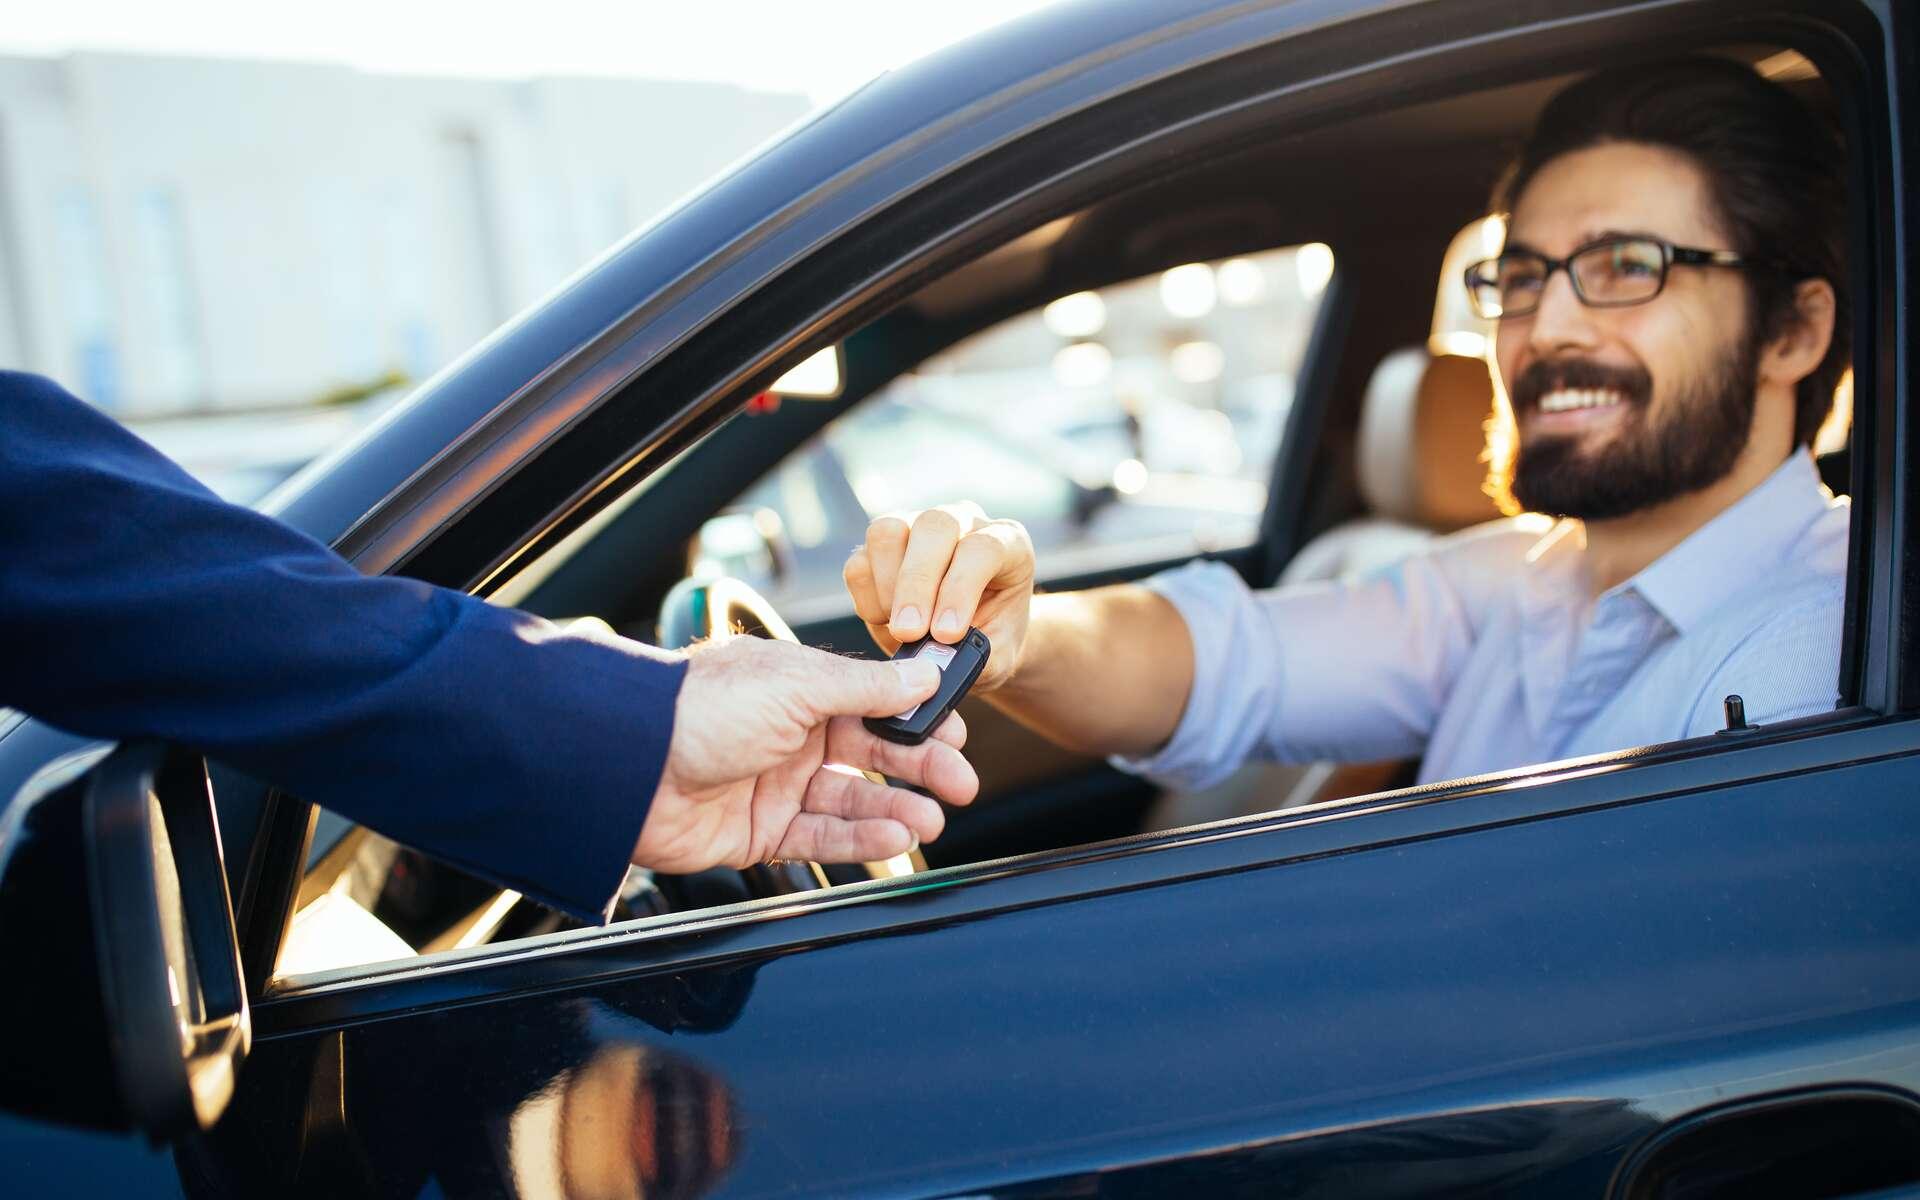 Le marché des voitures d'occasion a le vent en poupe depuis quelques années. © hedgehog94, Adobe Stock